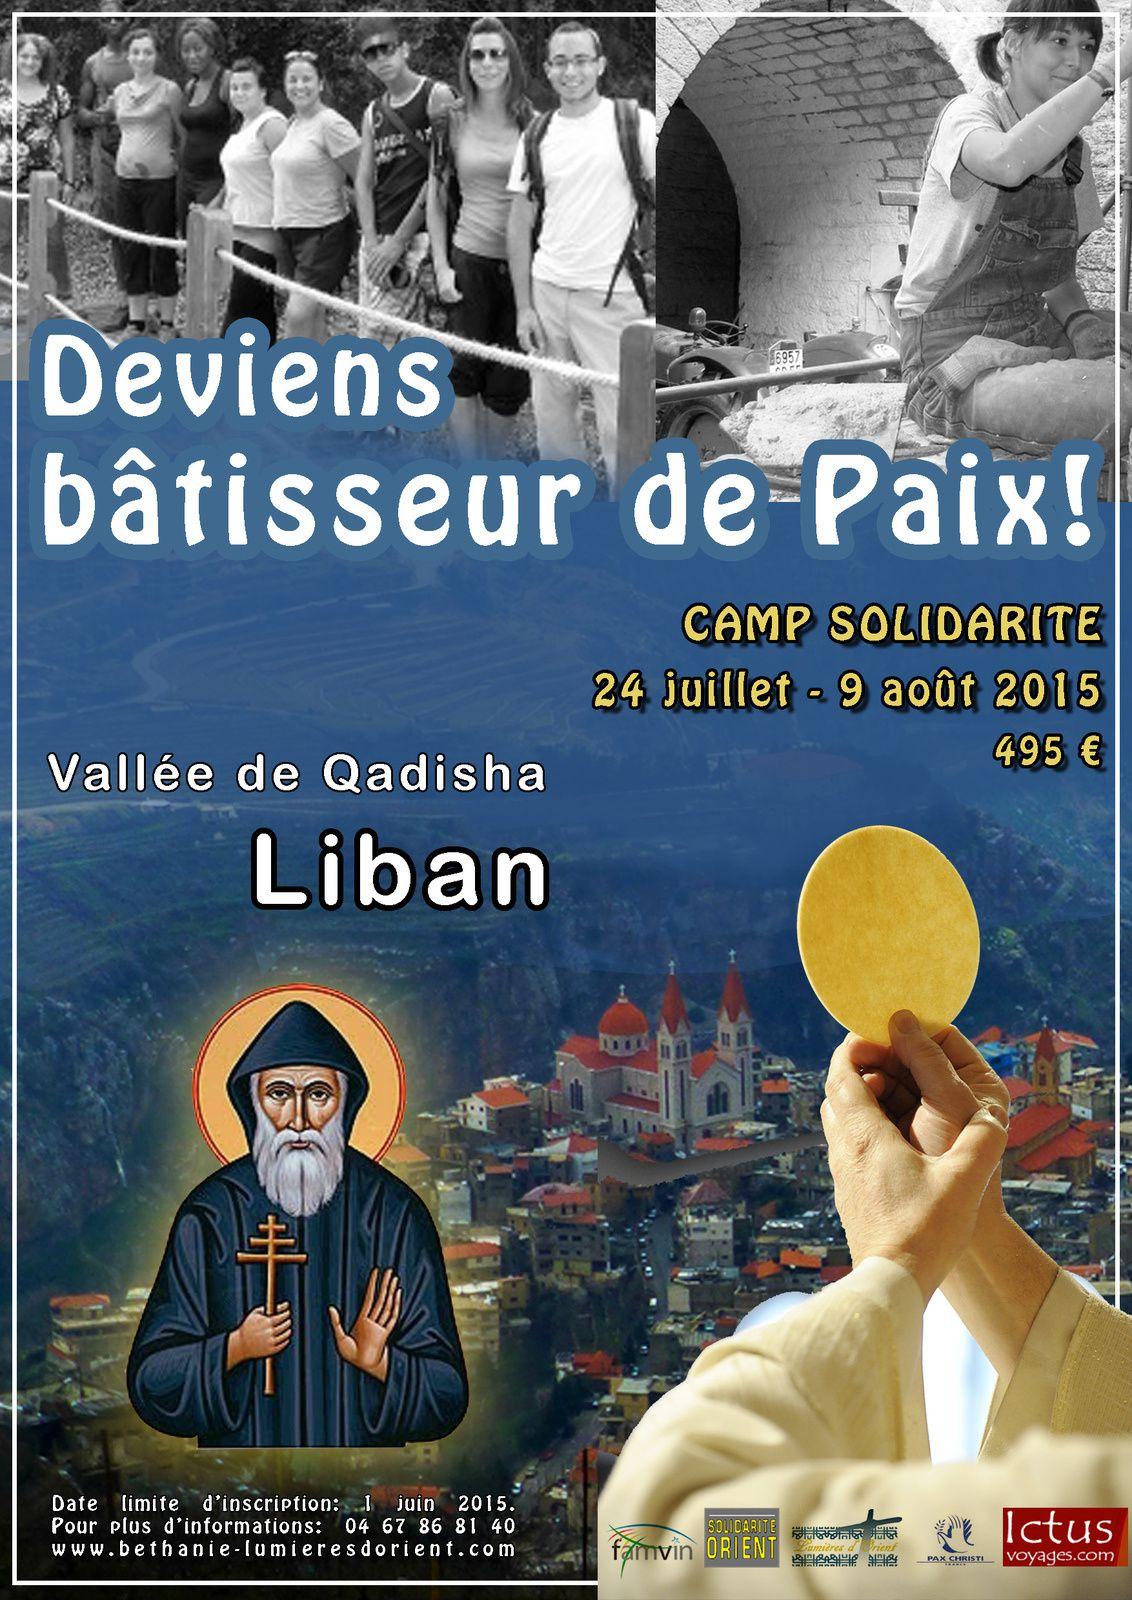 DIRECT sur RCF  ***  VENDREDI 24 juillet, à 8h44 le Père Patrice SABATER, cm présentera le Camp Mission-solidarité (24 juillet au 9 août 2015 - dans la Vallée de la Qaddisha -- Liban)